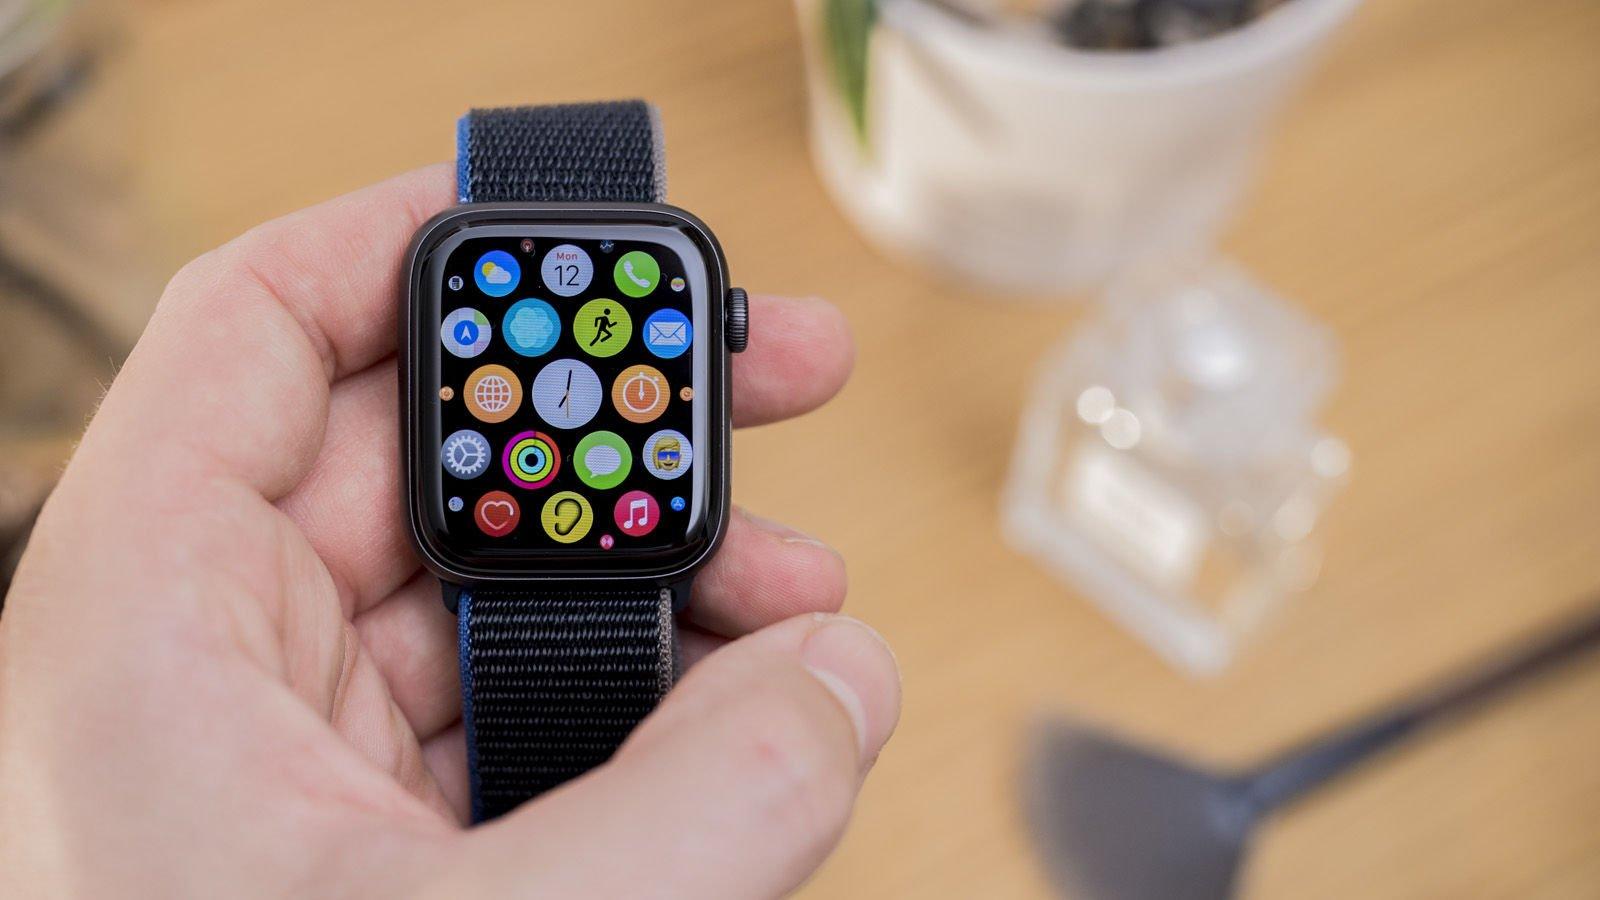 Loạt smartwatch về giá tốt, đáng chú ý tại Việt Nam - Ảnh 1.